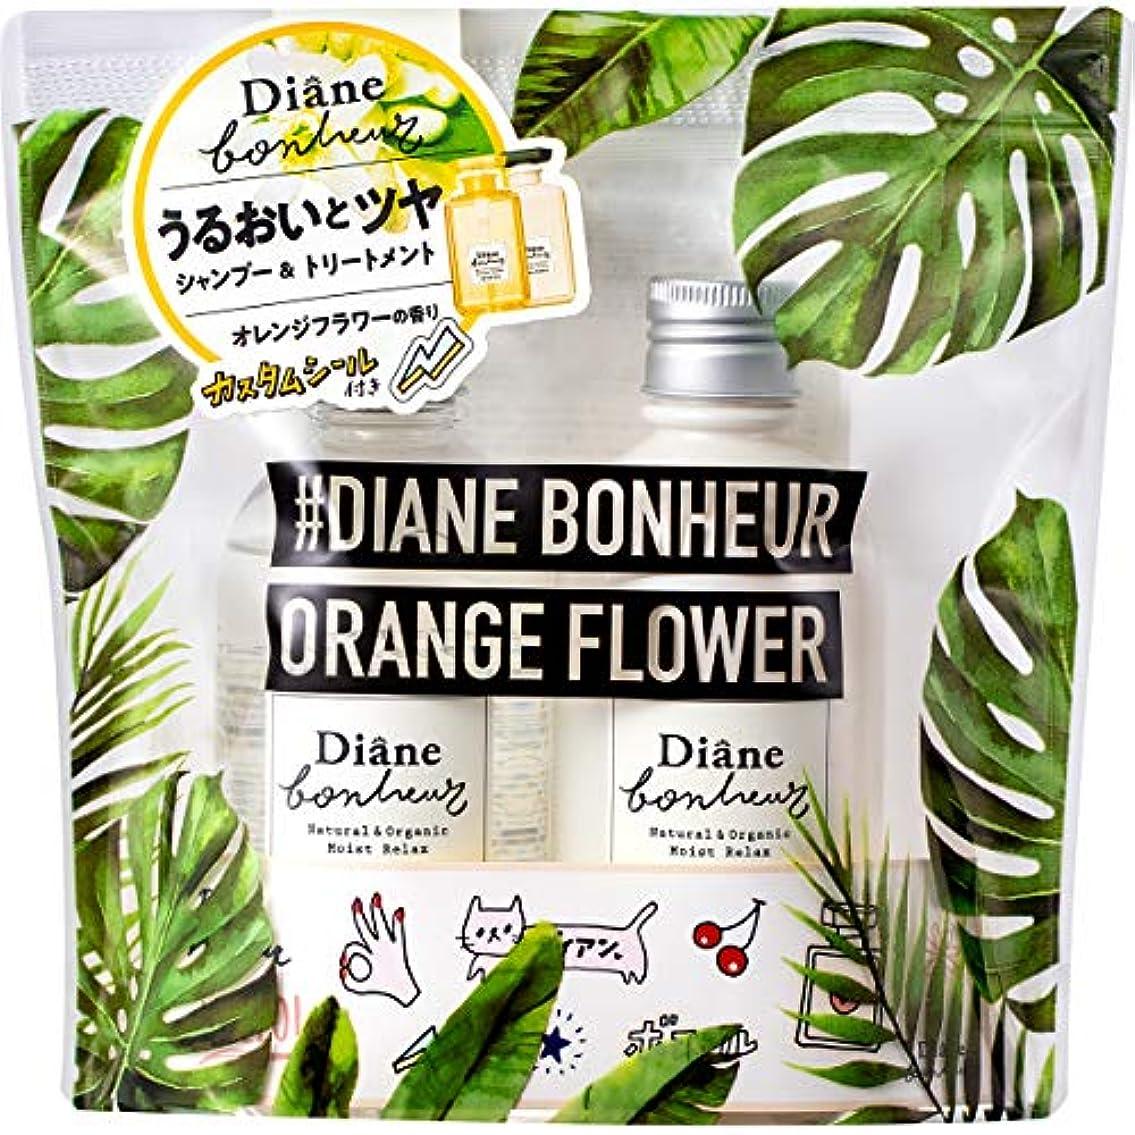 火山の著者精算Diane Bonheur (ダイアン ボヌール) ダイアン ボヌール シャンプー&トリートメント セット OrangeFlower 200mlボトル ポーチ付 ×2